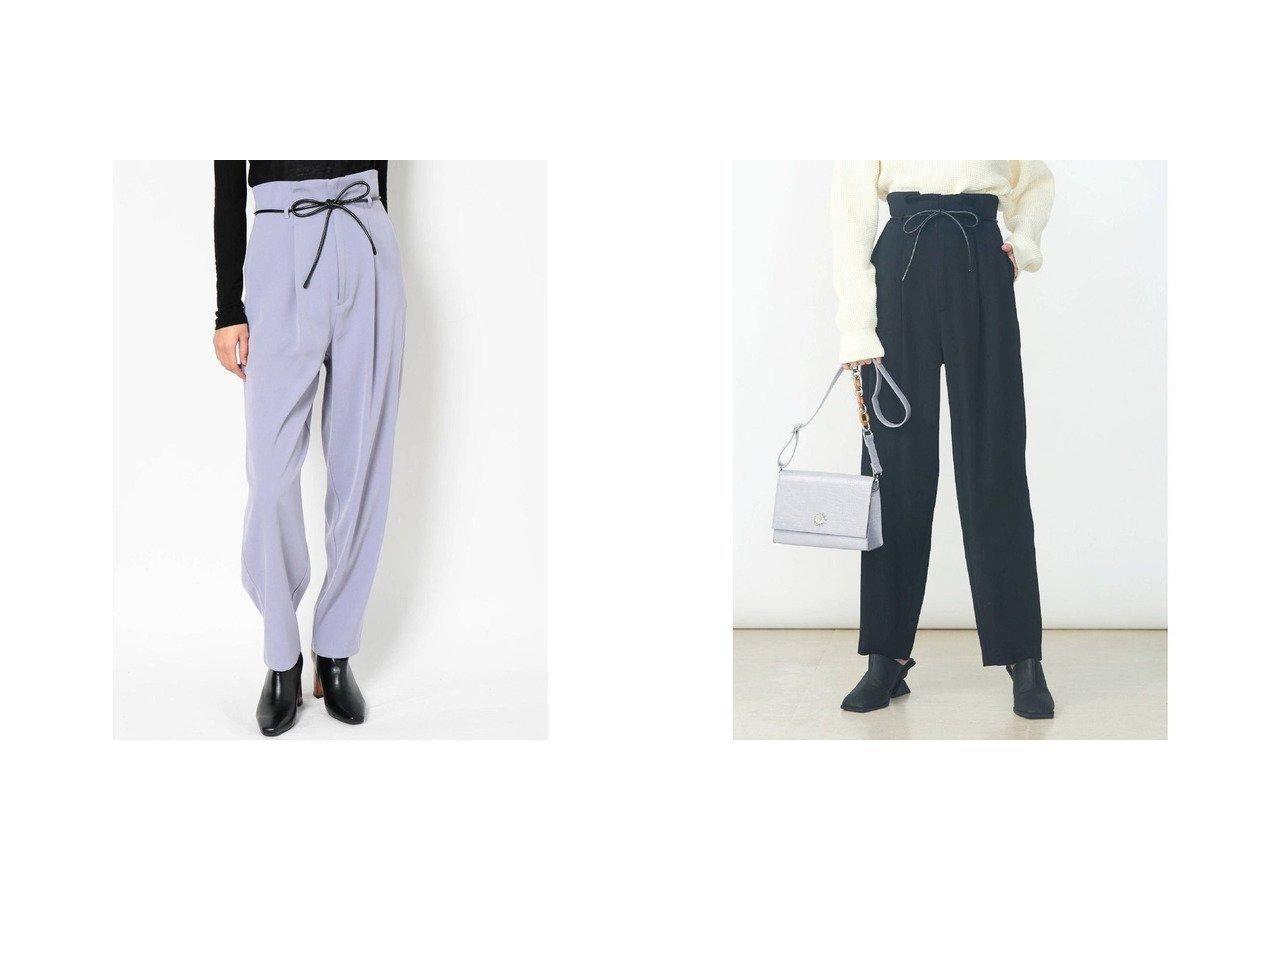 【EVRIS/エヴリス】のEVRIS レザーベルトパンツ パンツのおすすめ!人気トレンド・レディースファッションの通販 おすすめで人気の流行・トレンド、ファッションの通販商品 メンズファッション・キッズファッション・インテリア・家具・レディースファッション・服の通販 founy(ファニー) https://founy.com/ ファッション Fashion レディースファッション WOMEN パンツ Pants ベルト Belts 2021年 2021 2021 春夏 S/S SS Spring/Summer 2021 S/S 春夏 SS Spring/Summer ランダム 春 Spring |ID:crp329100000020414